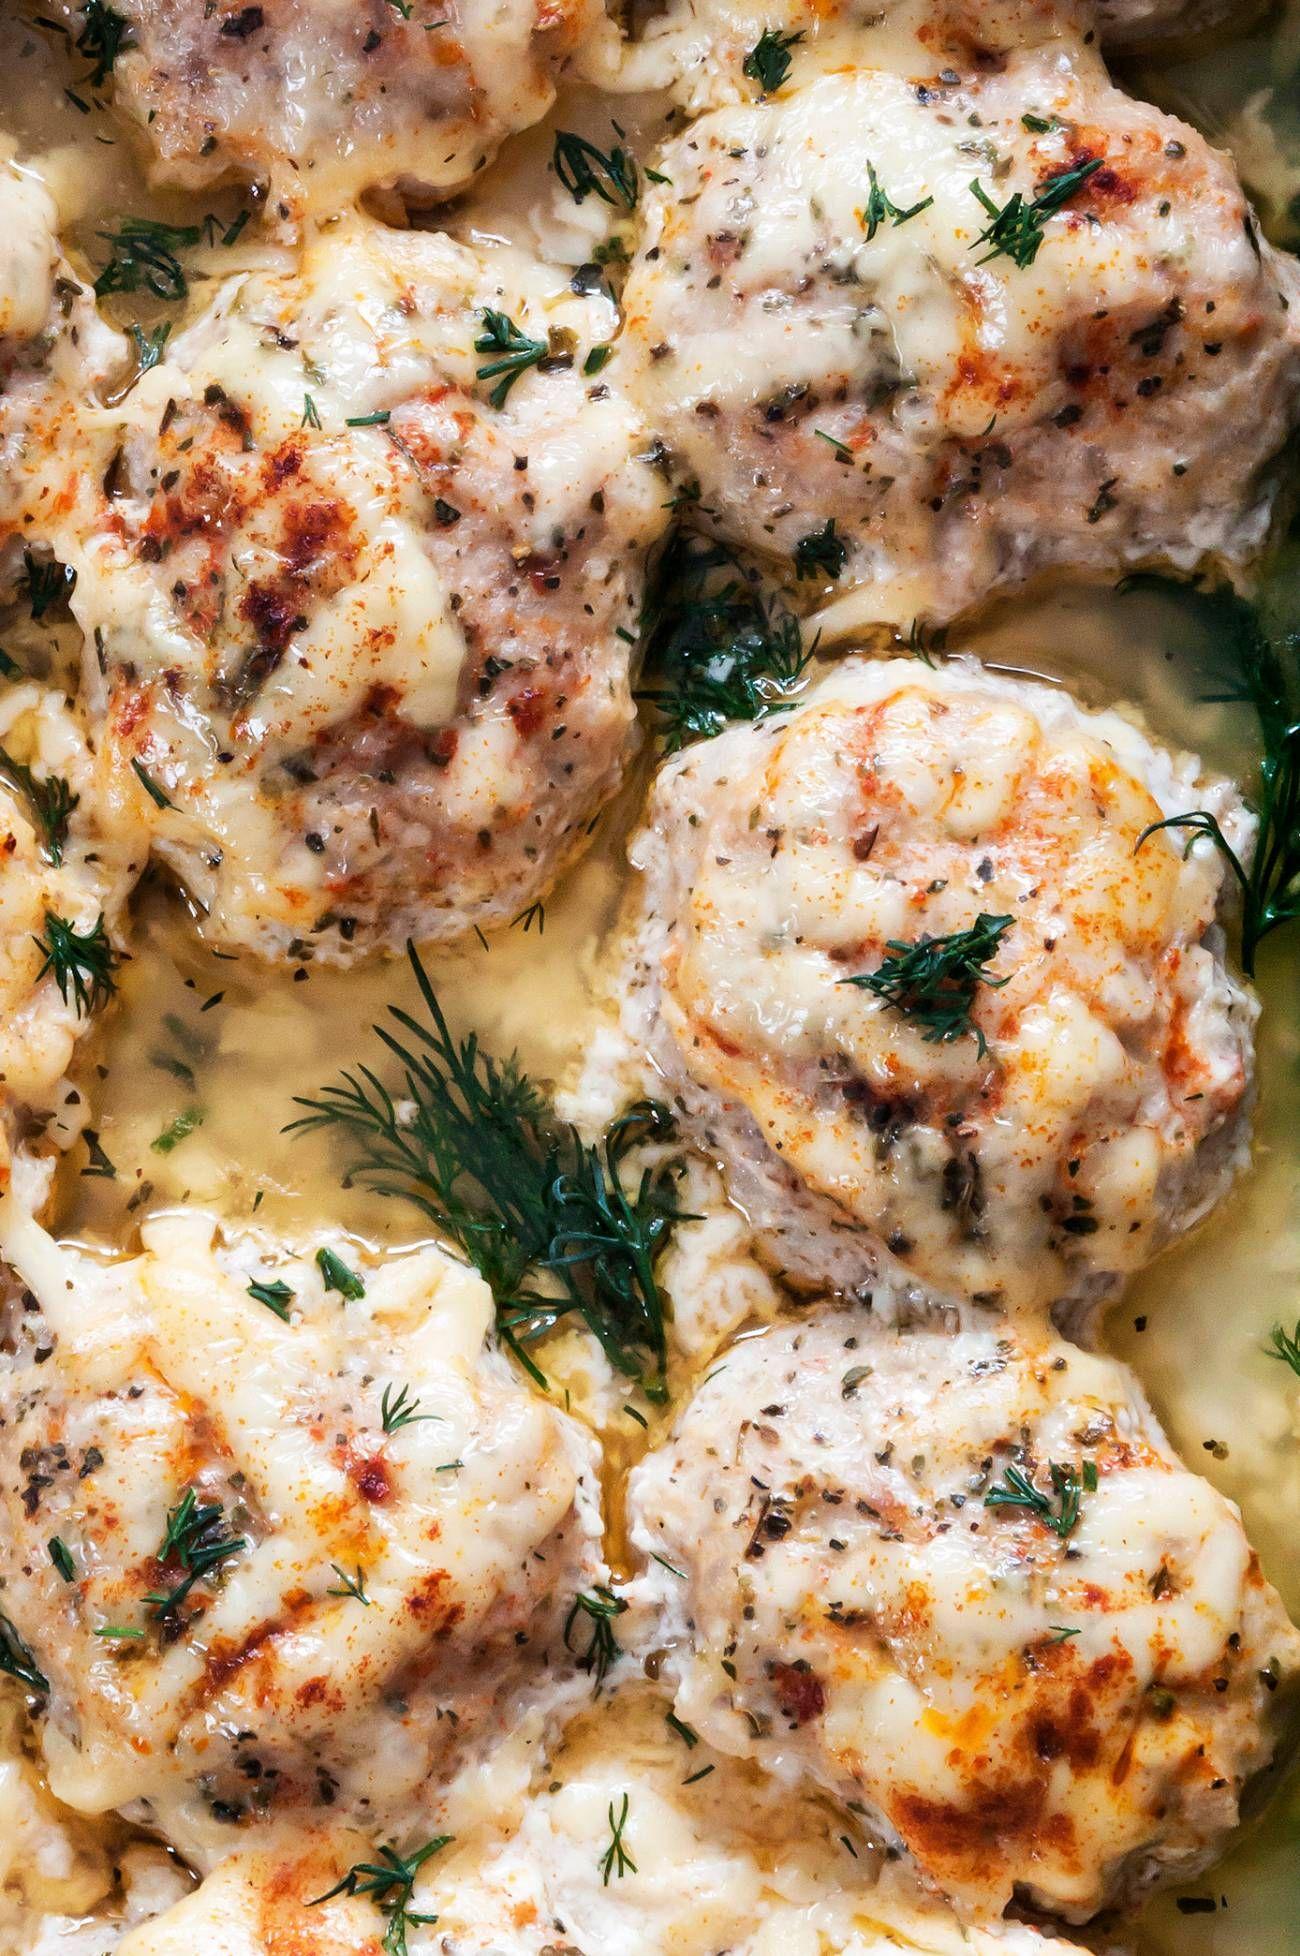 Chicken Meatballs With Sour Cream Sauce 12 Tomatoes Chicken Meatball Recipes Recipes Cream Sauce For Chicken